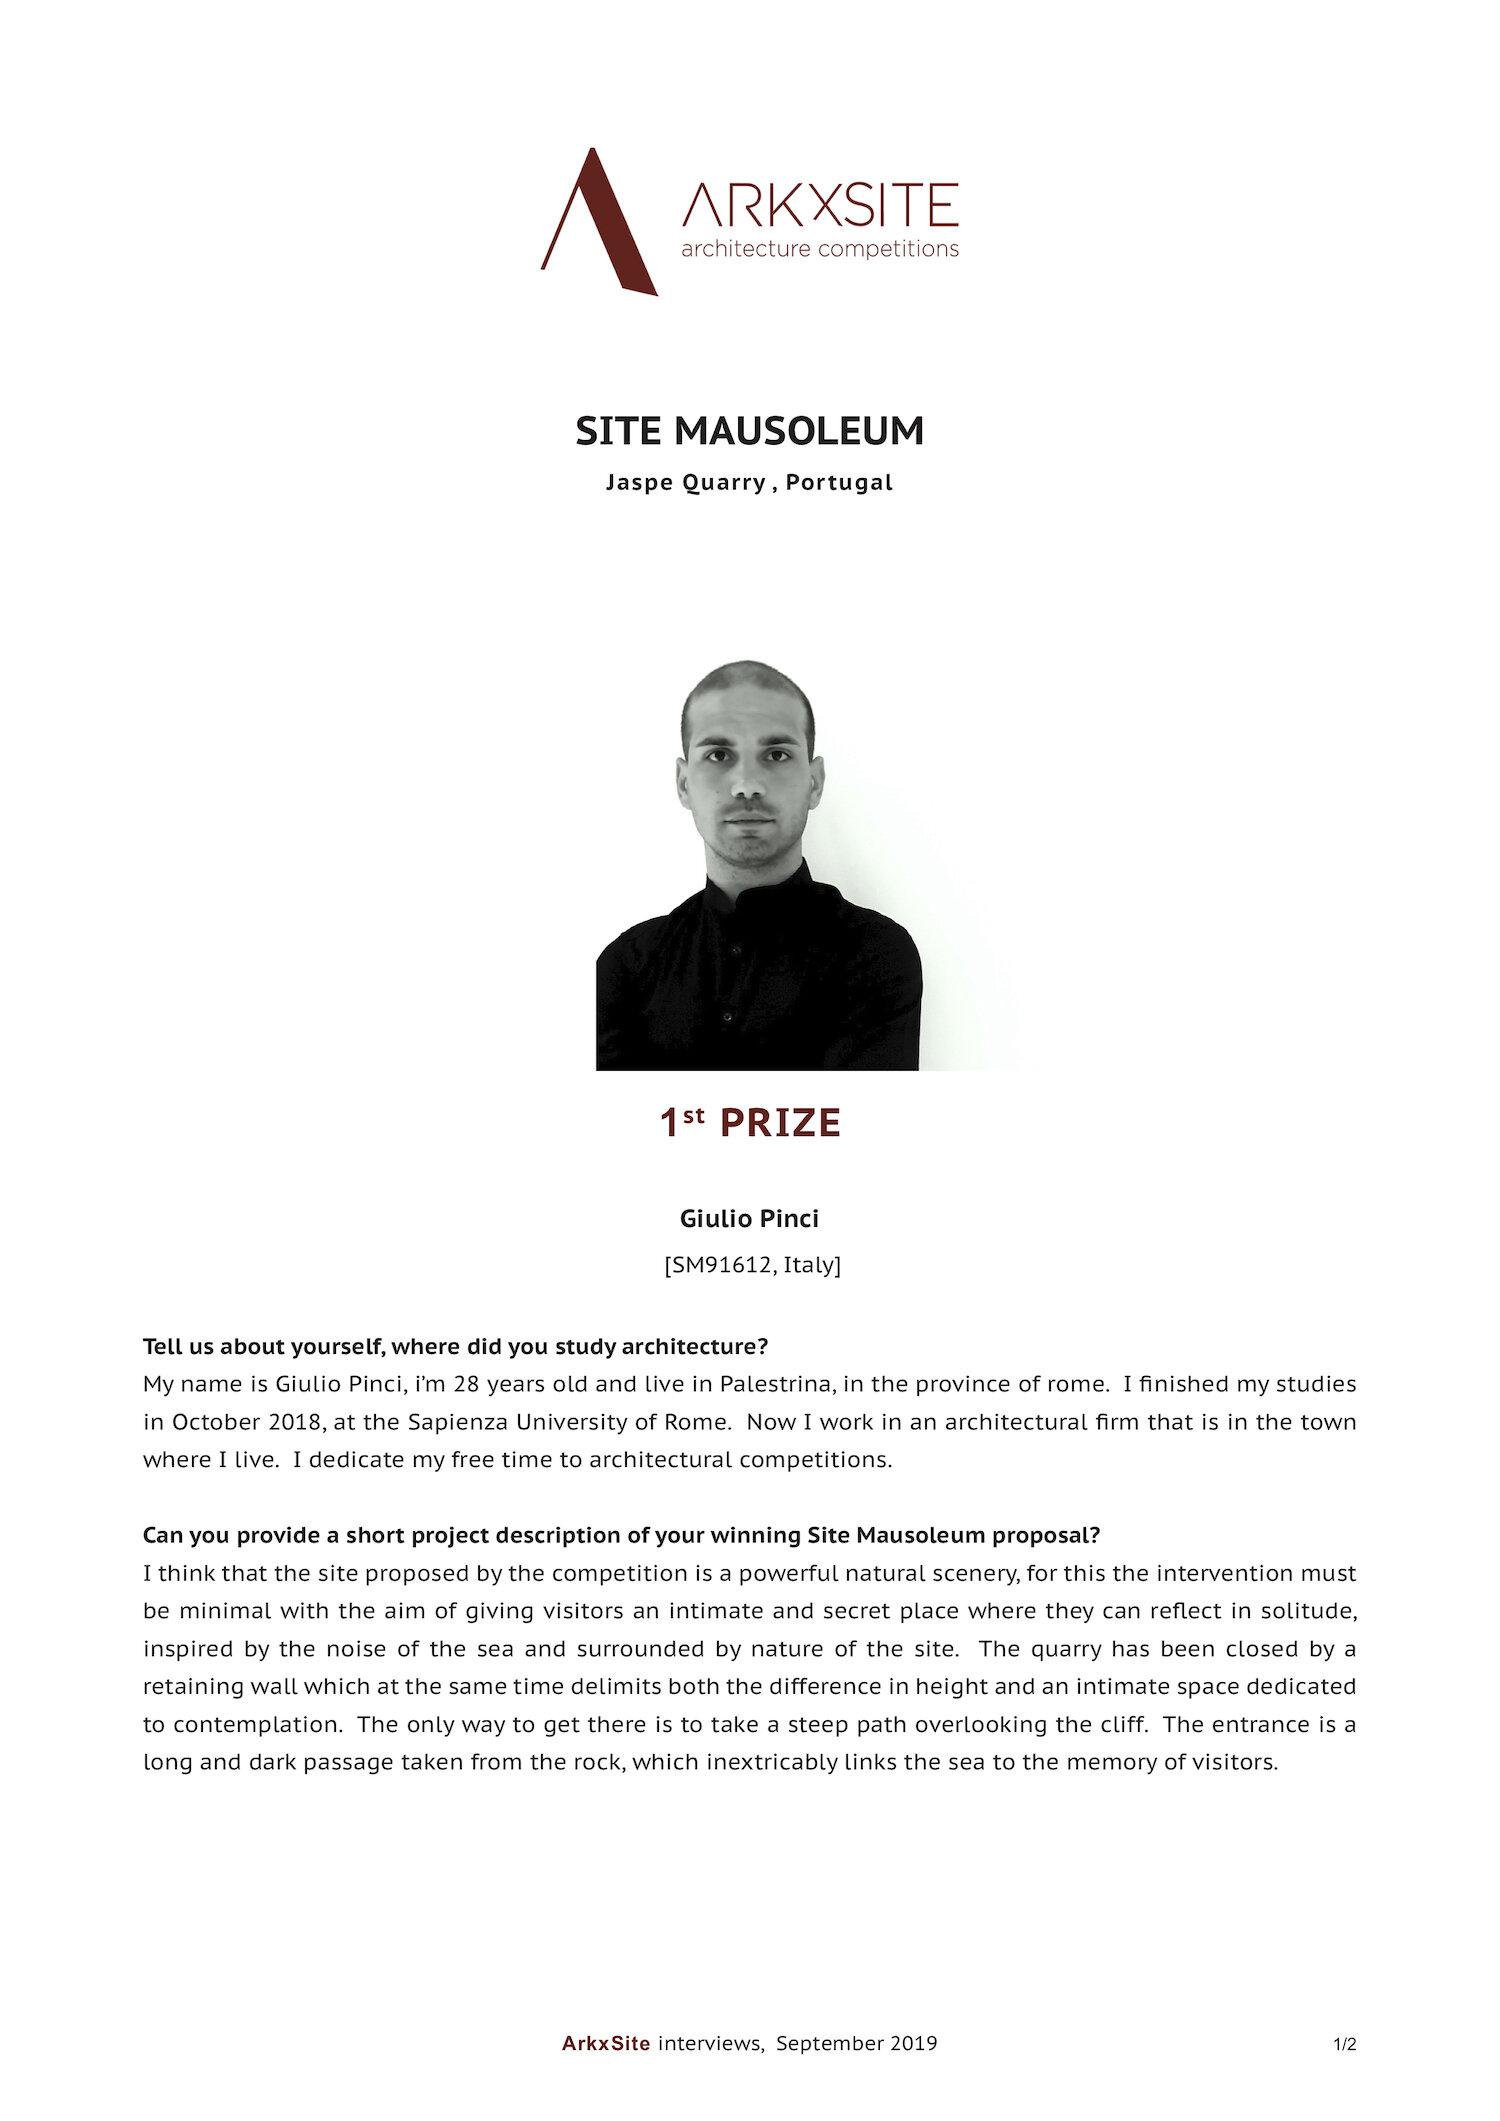 SiteMausoleum_1stPrize_InterviewA.jpg